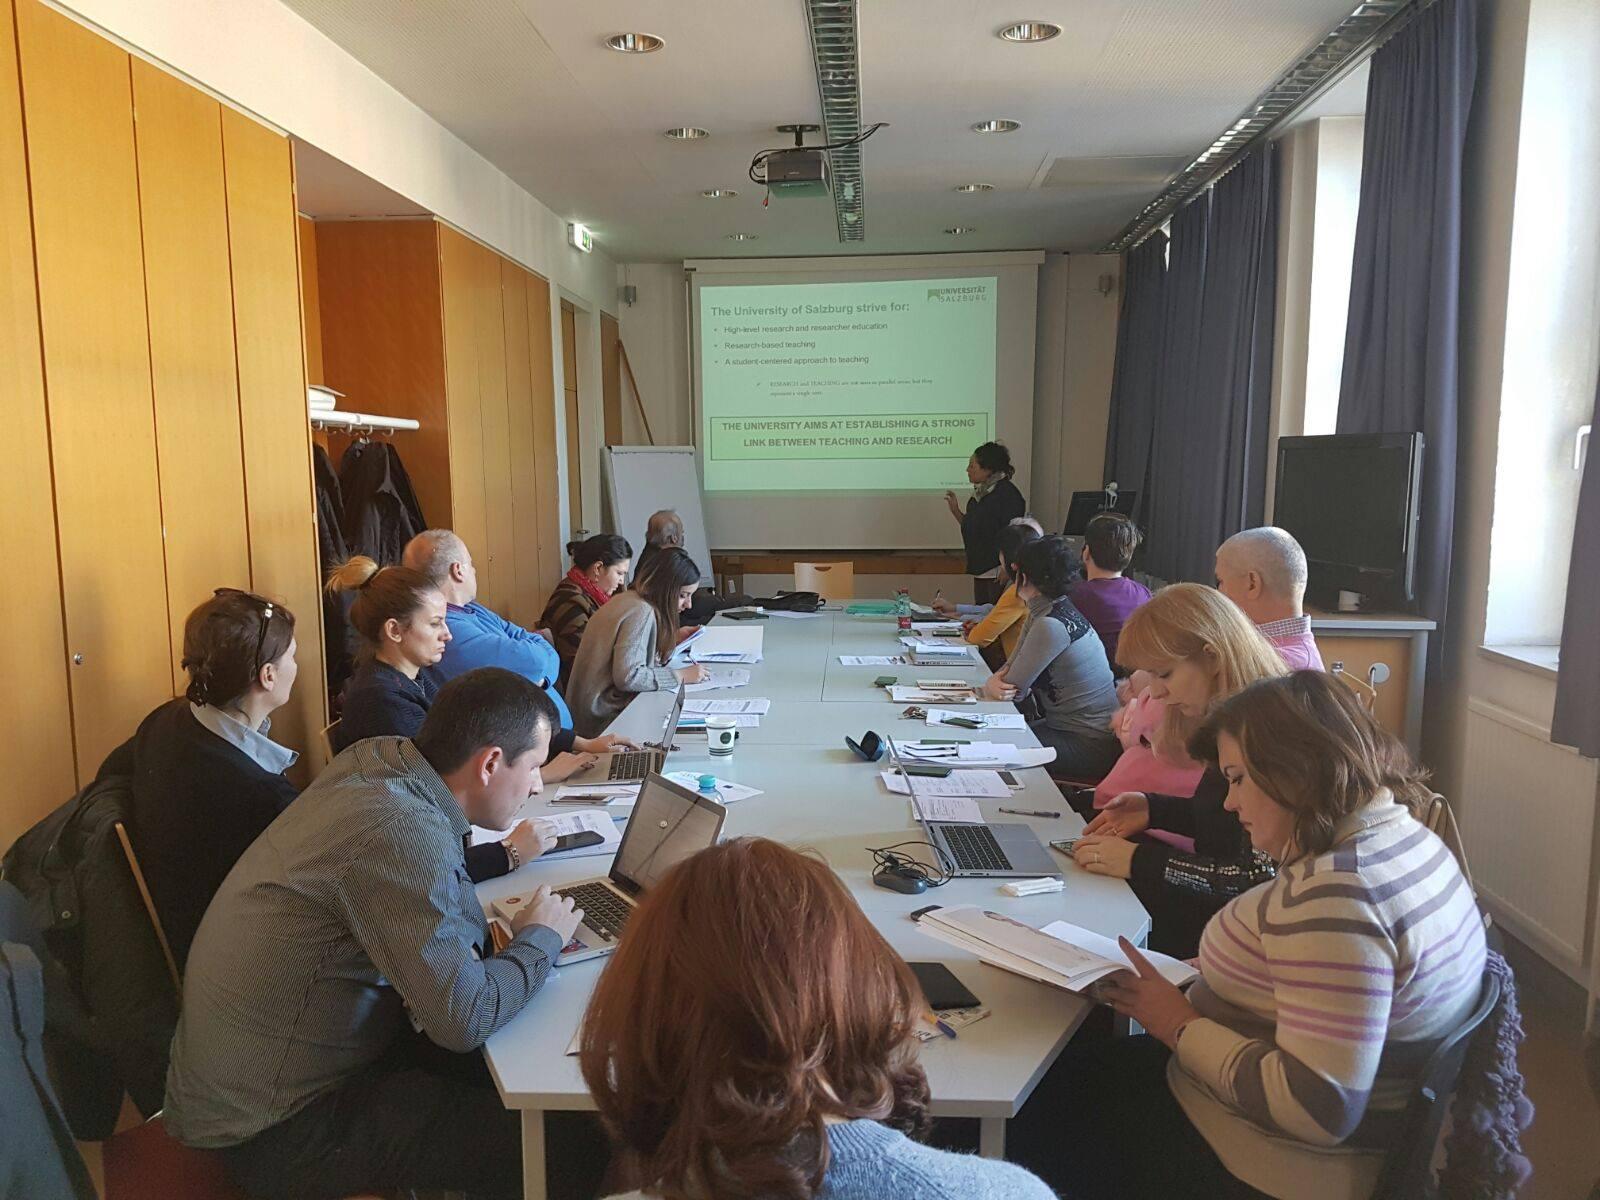 Vizitë studimore në Salzburg, Austri, 13-17 dhjetor 2016.